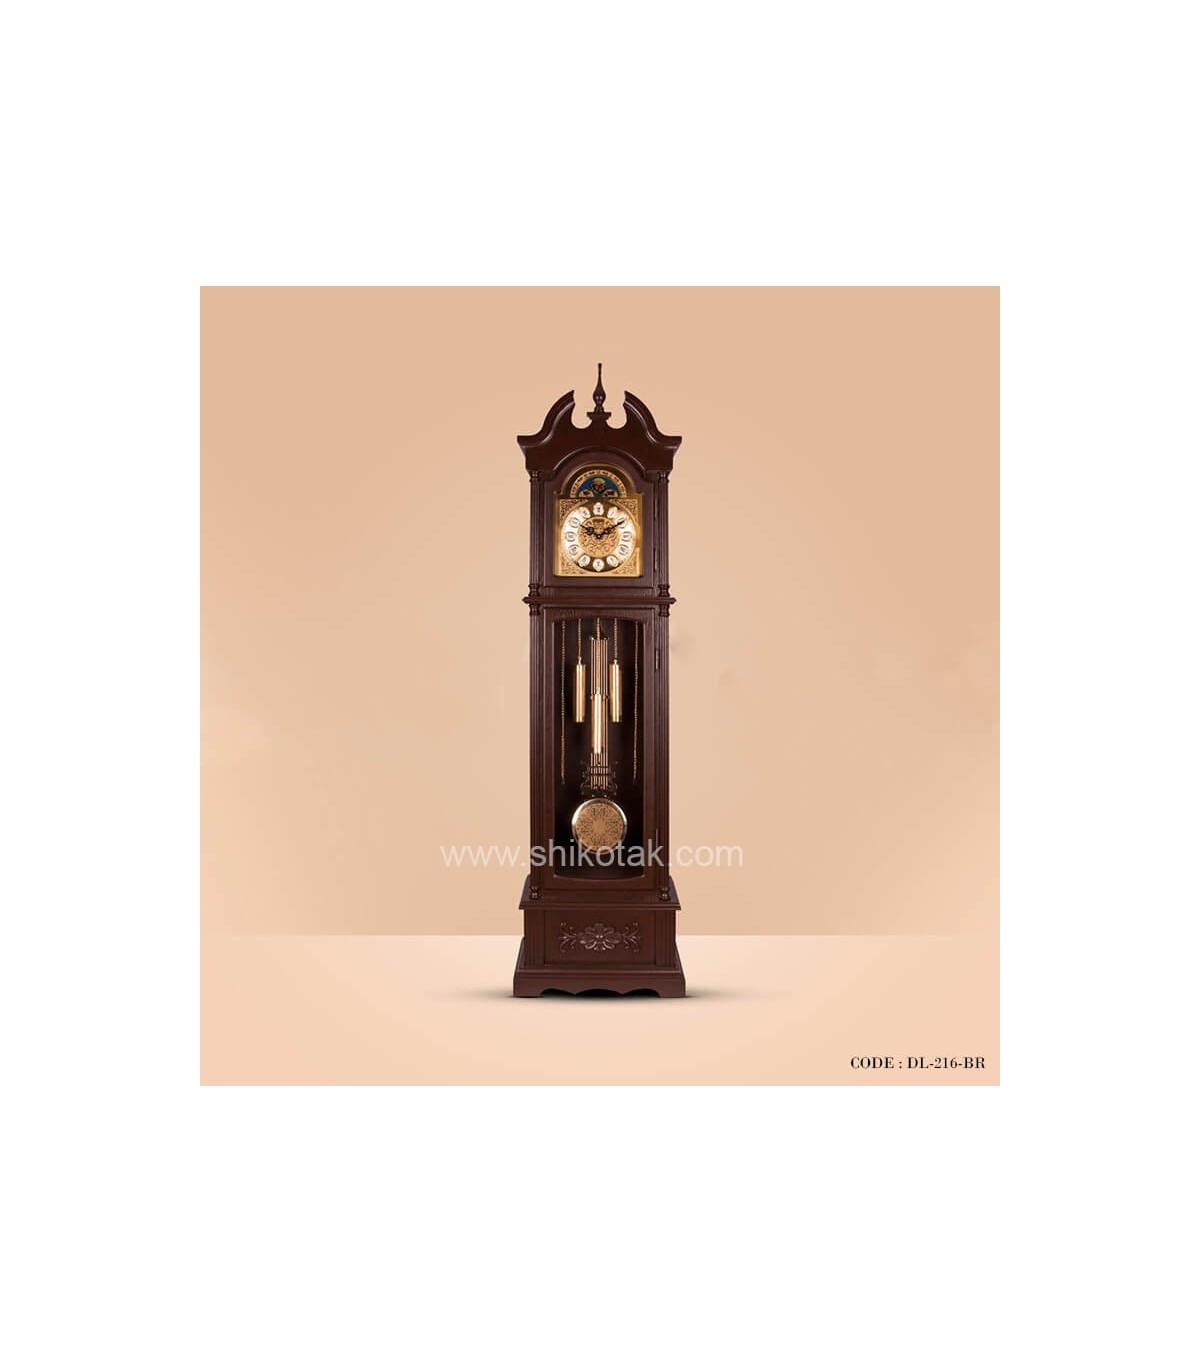 ساعت ایستاده چوبی سری 216 کرون سونایی